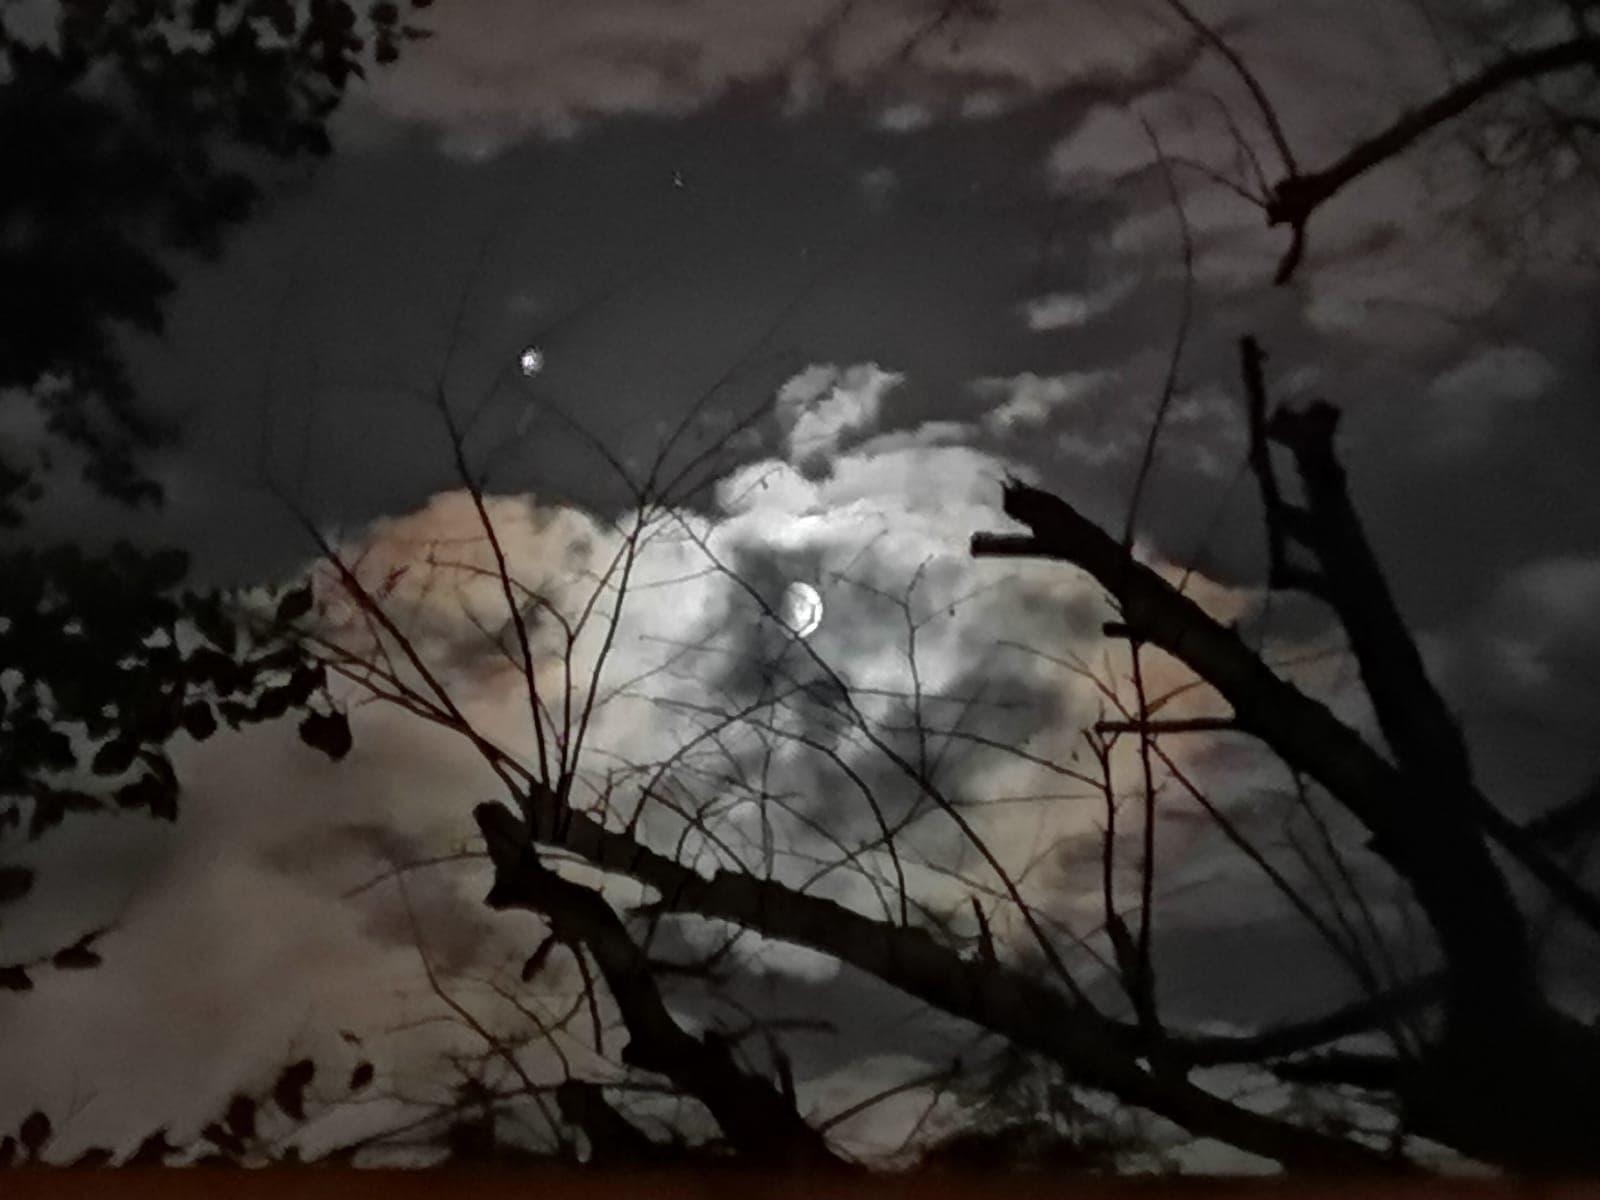 Moonlight Seranade - Karen